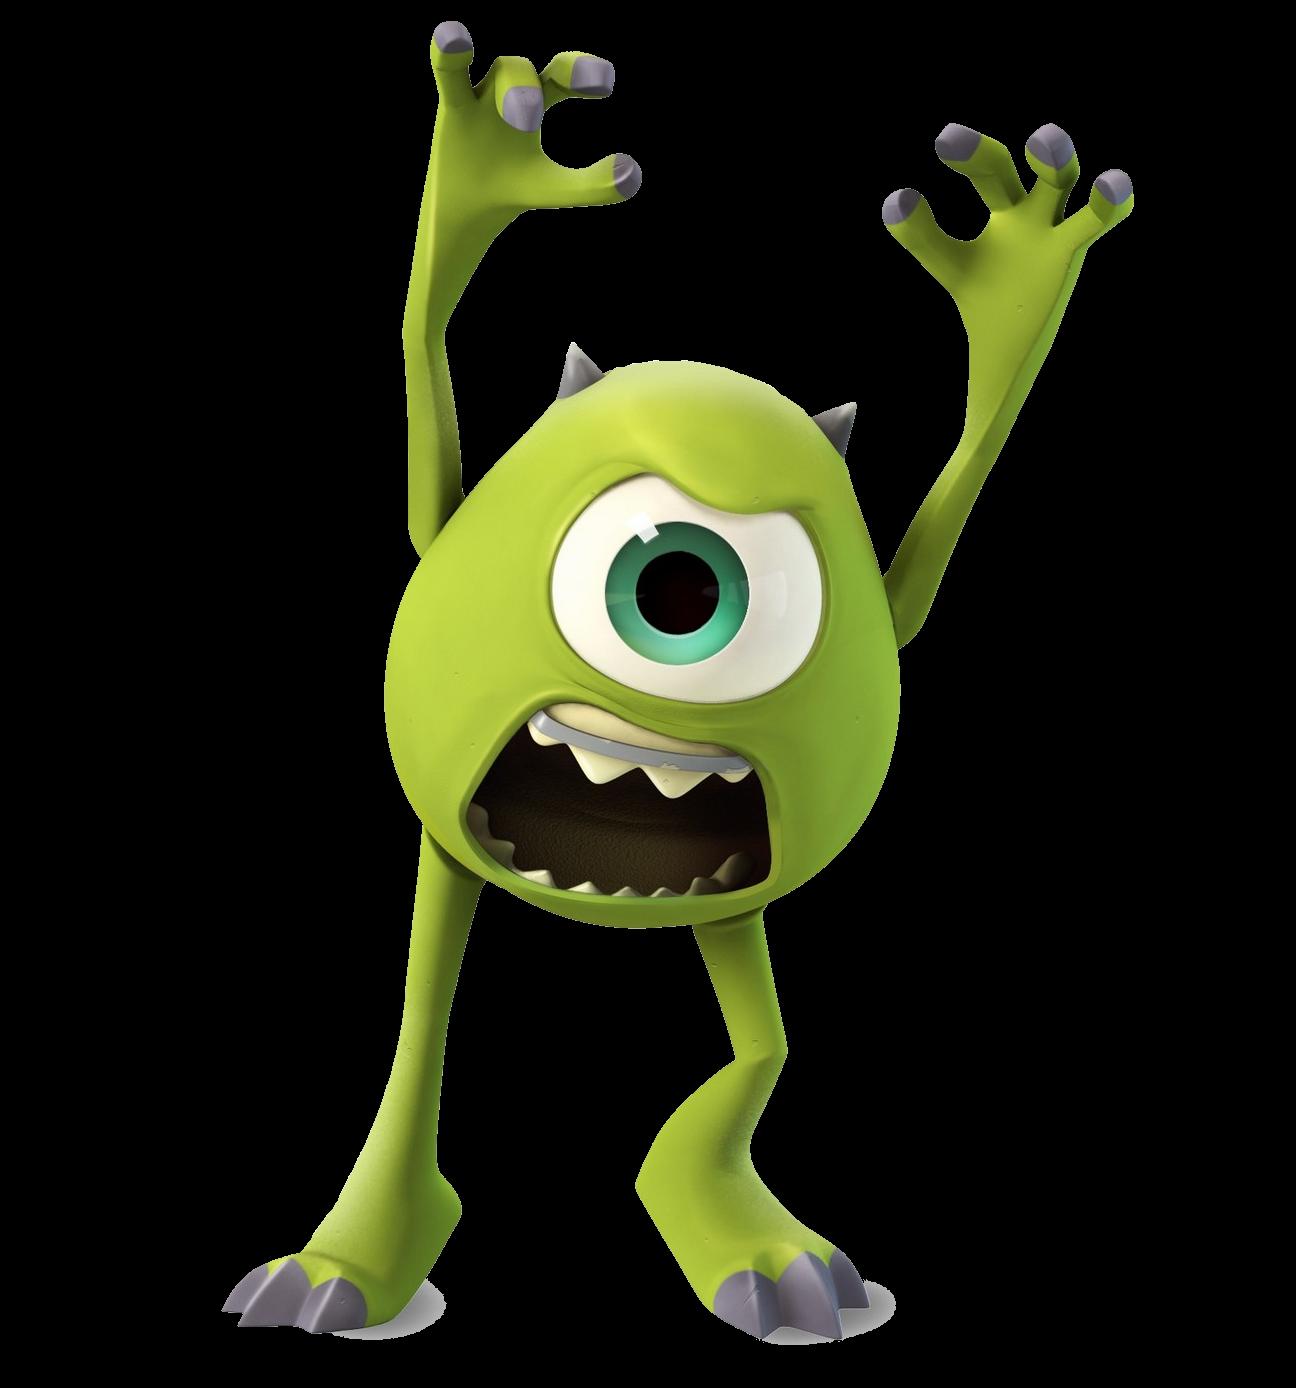 Disney Infinity Originals Characters Disney Infinity Characters Monster University Disney Infinity